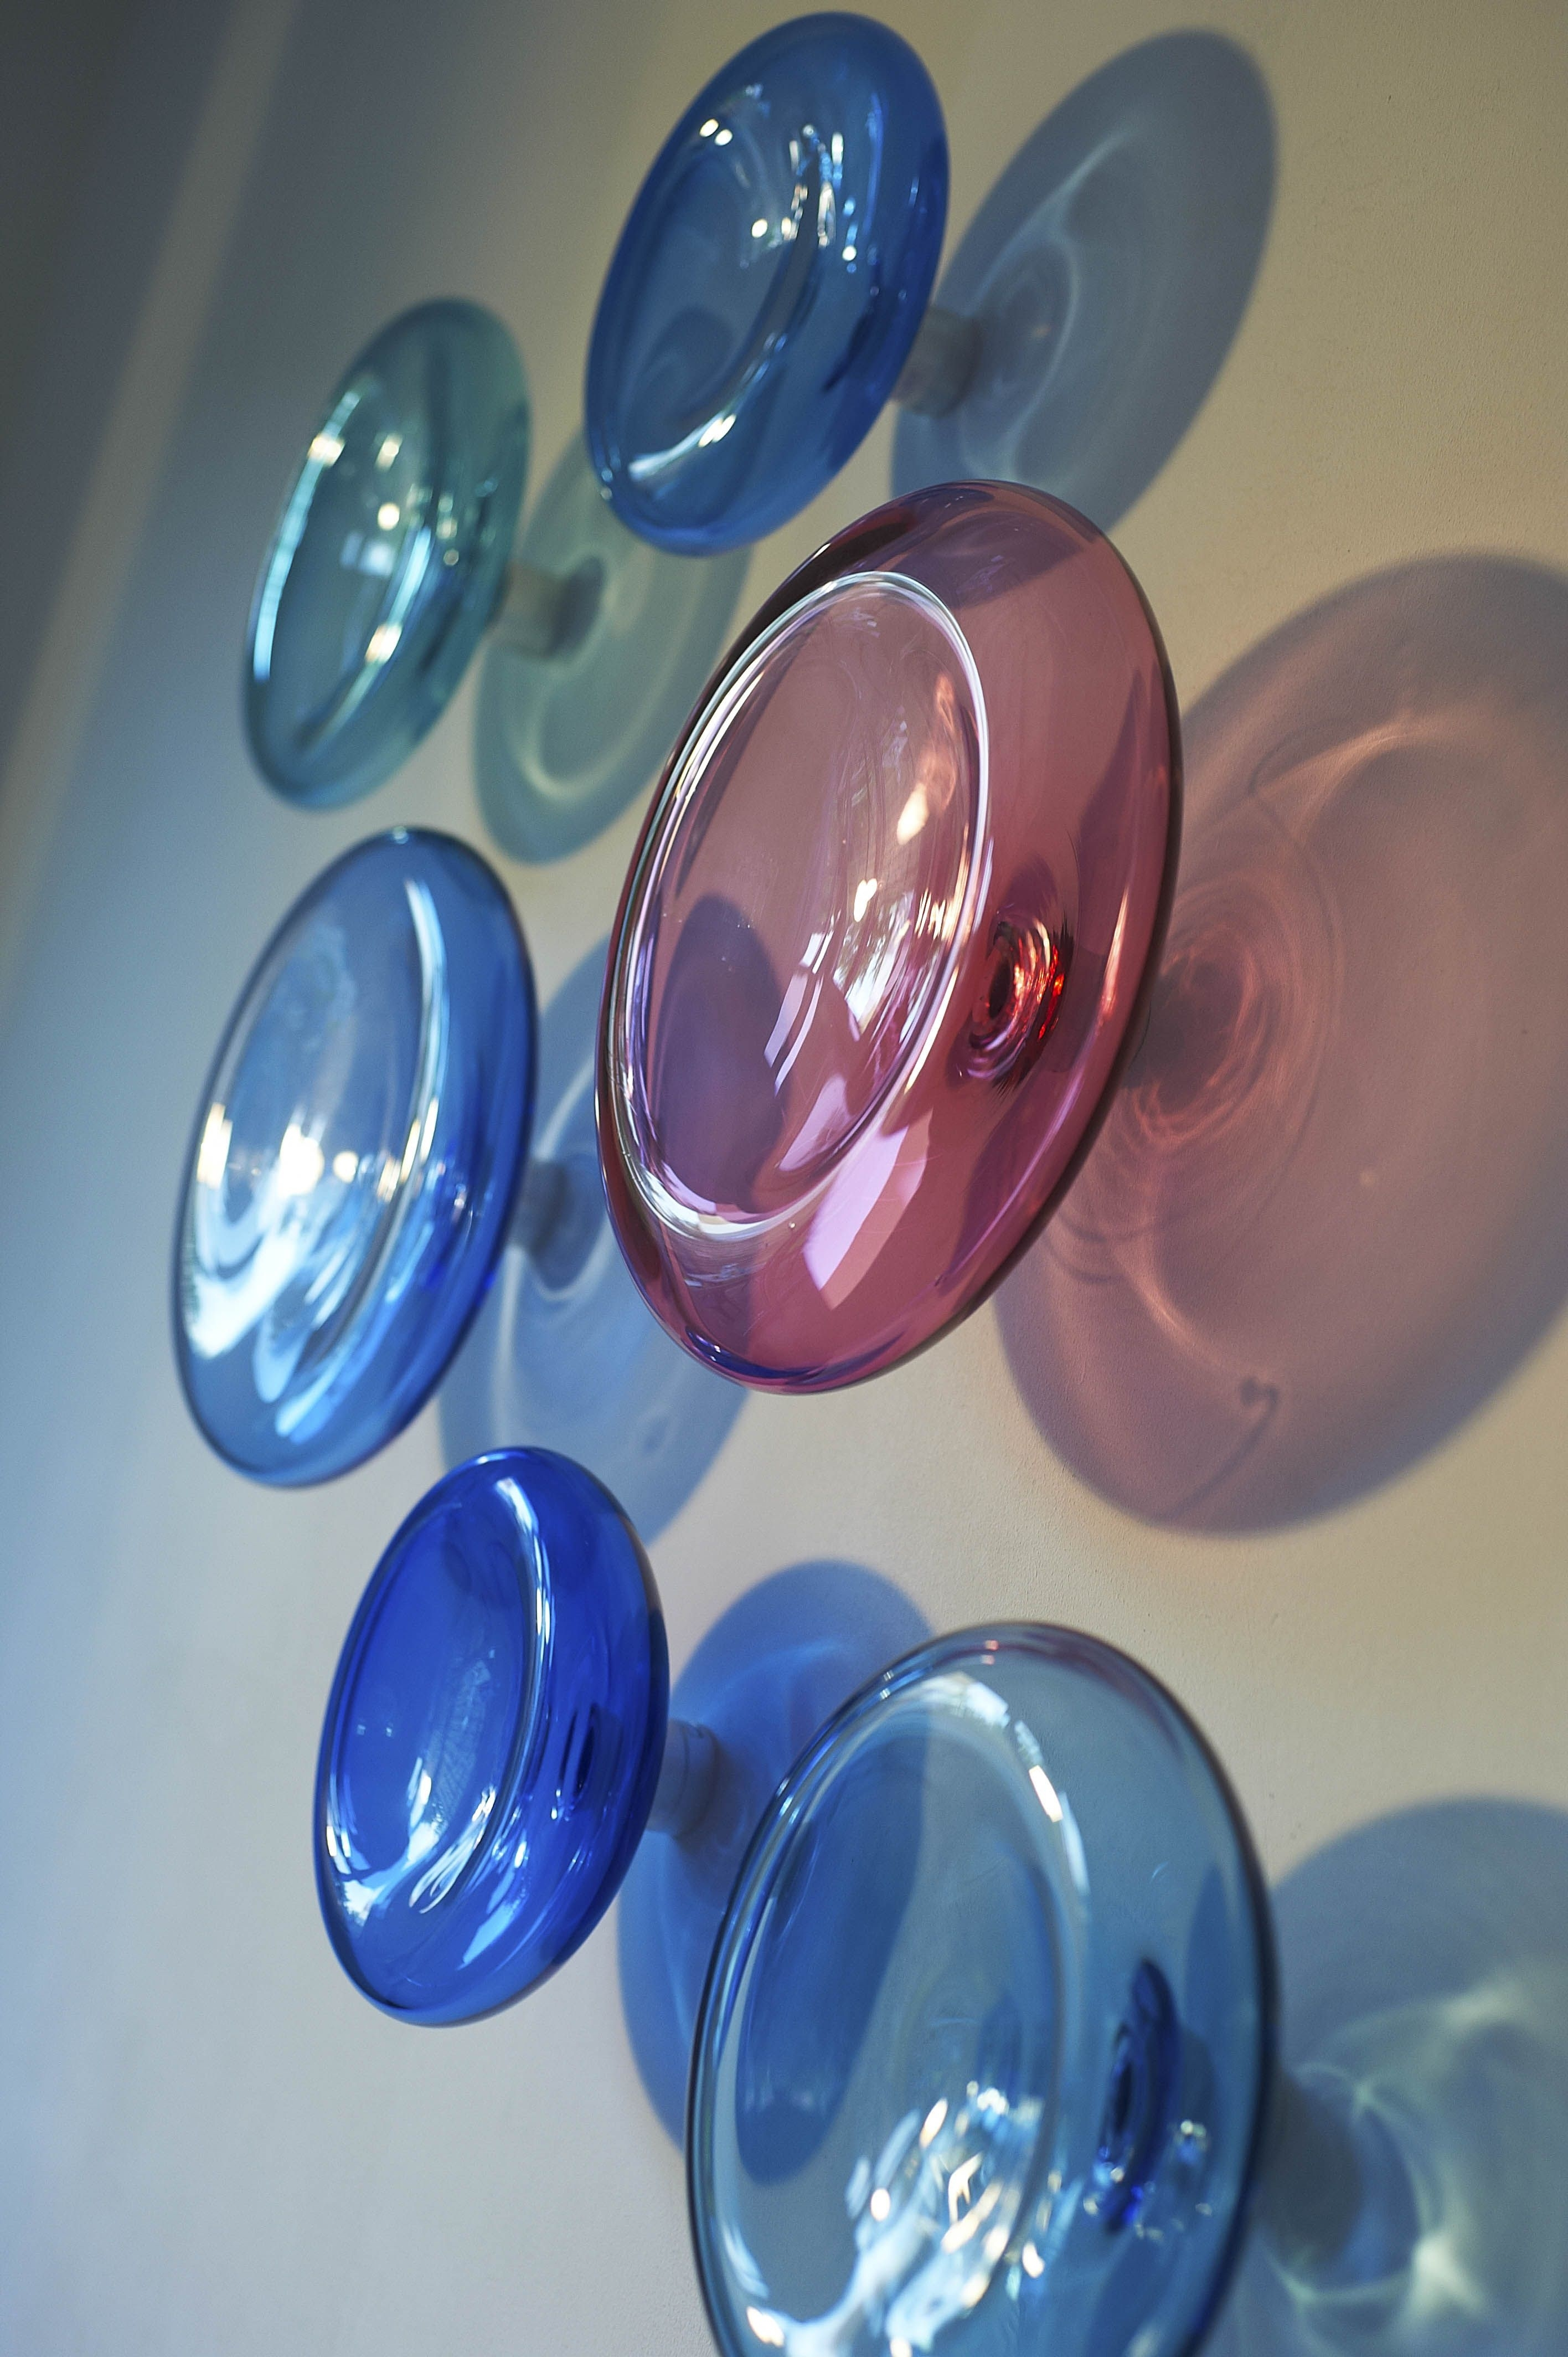 Modern Glass Wall Artalvitra Design / 3D Wall Sculpture Within Most Popular Blown Glass Wall Art (View 9 of 20)